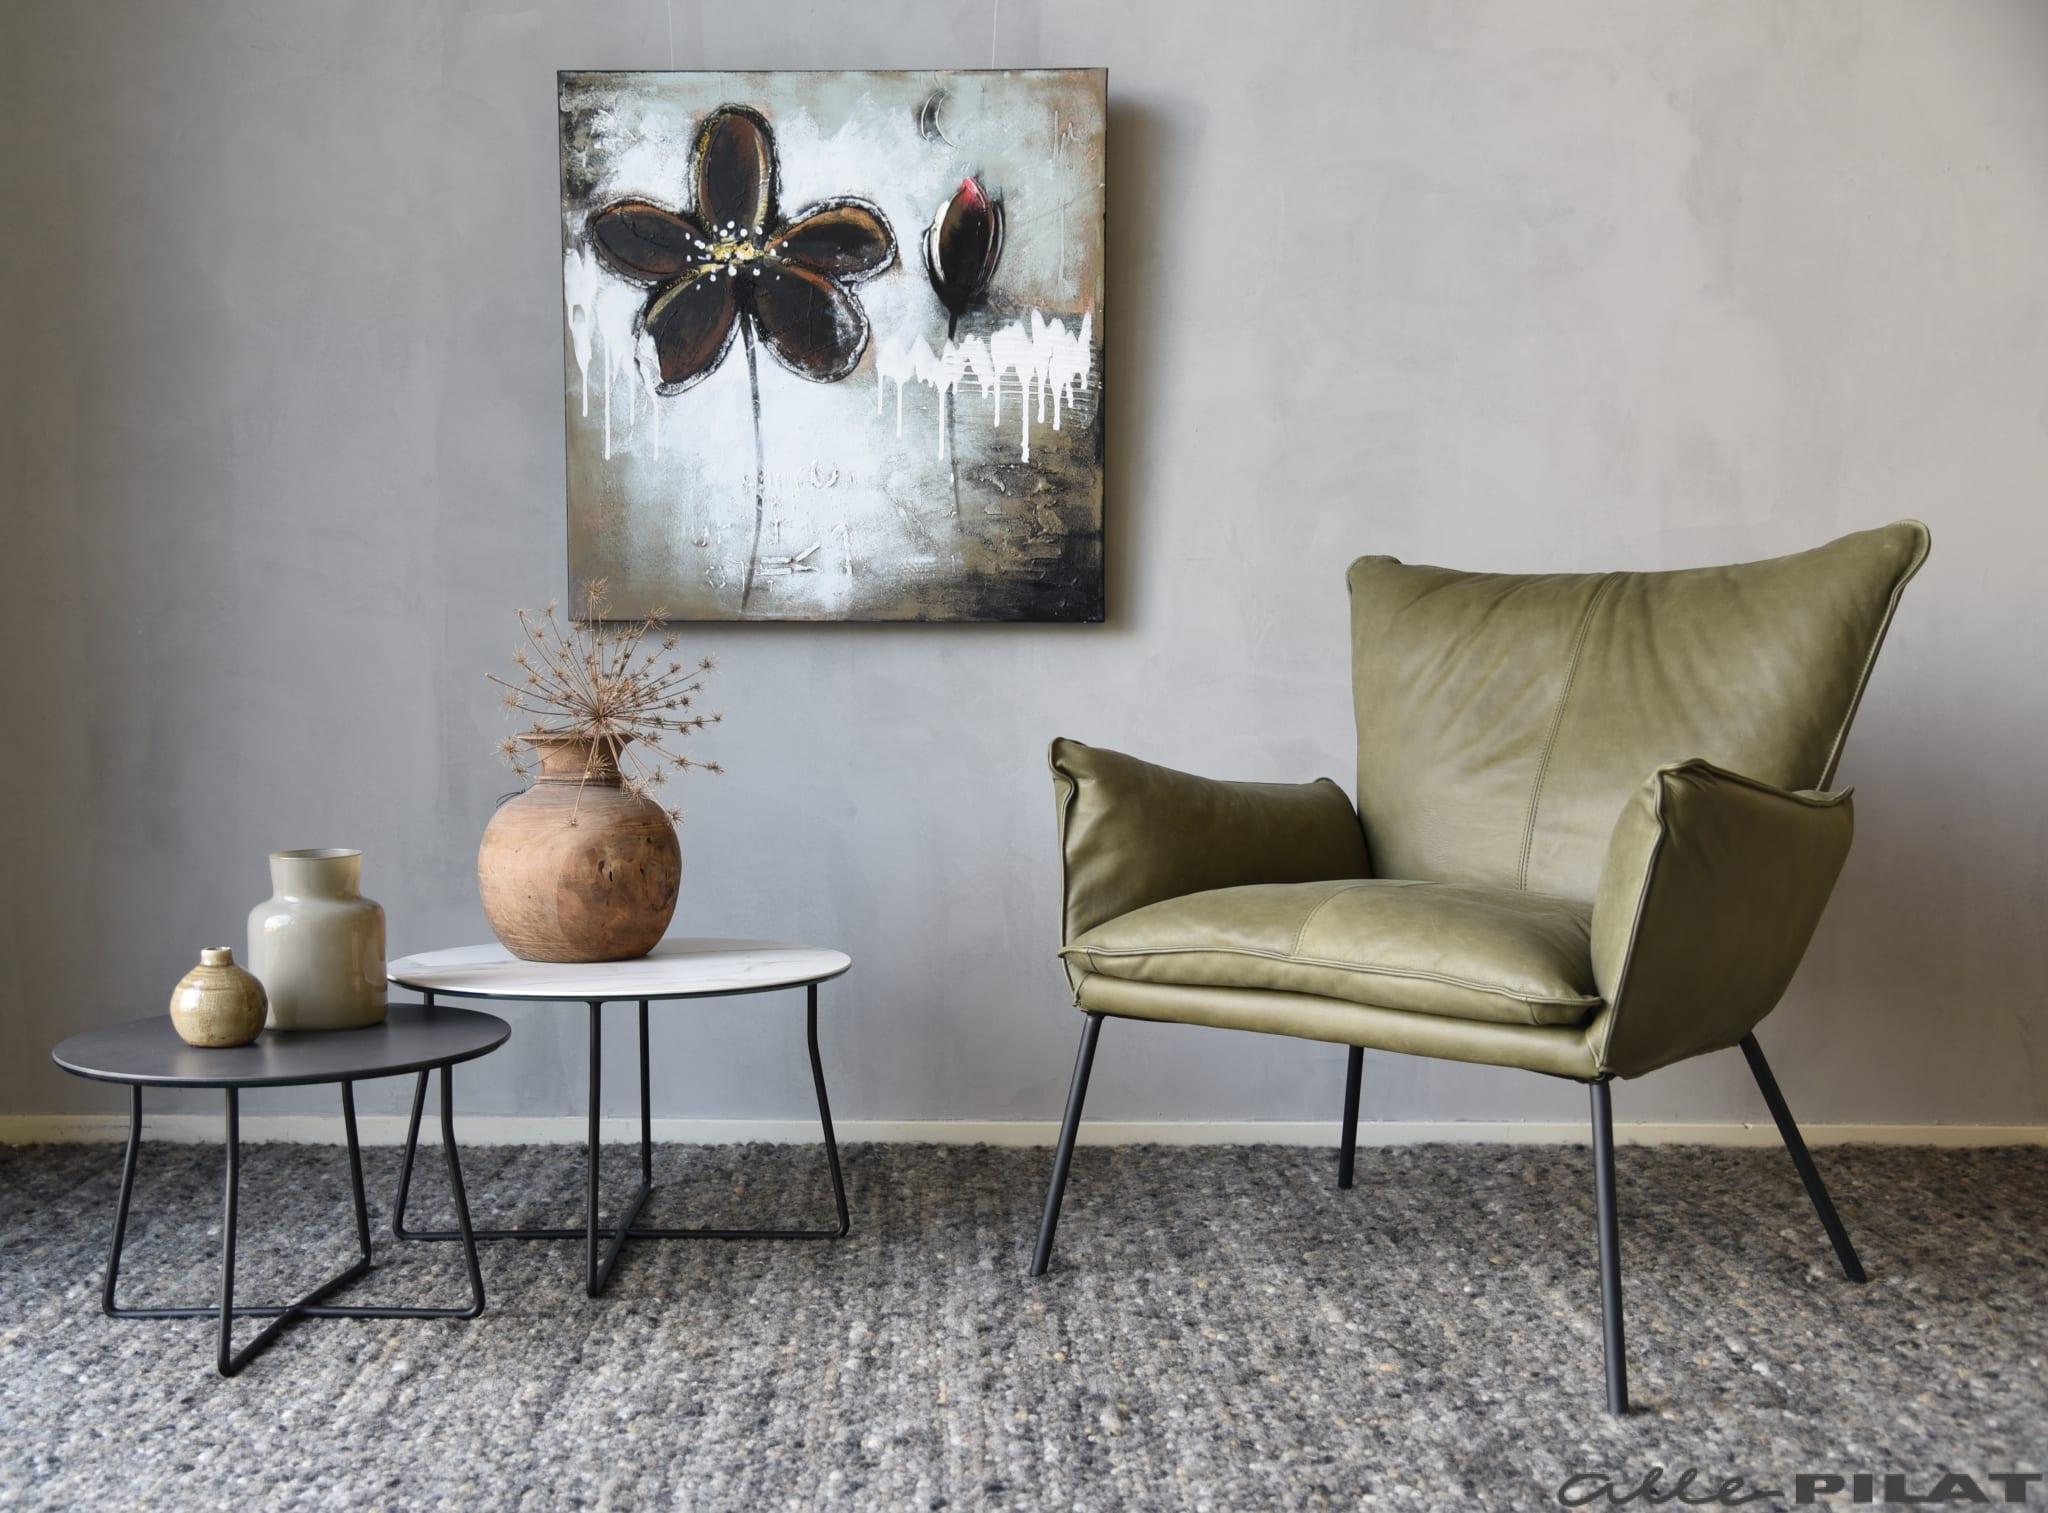 Fauteuil guus in stoer olijfgroen leer woonwinkel alle pilat